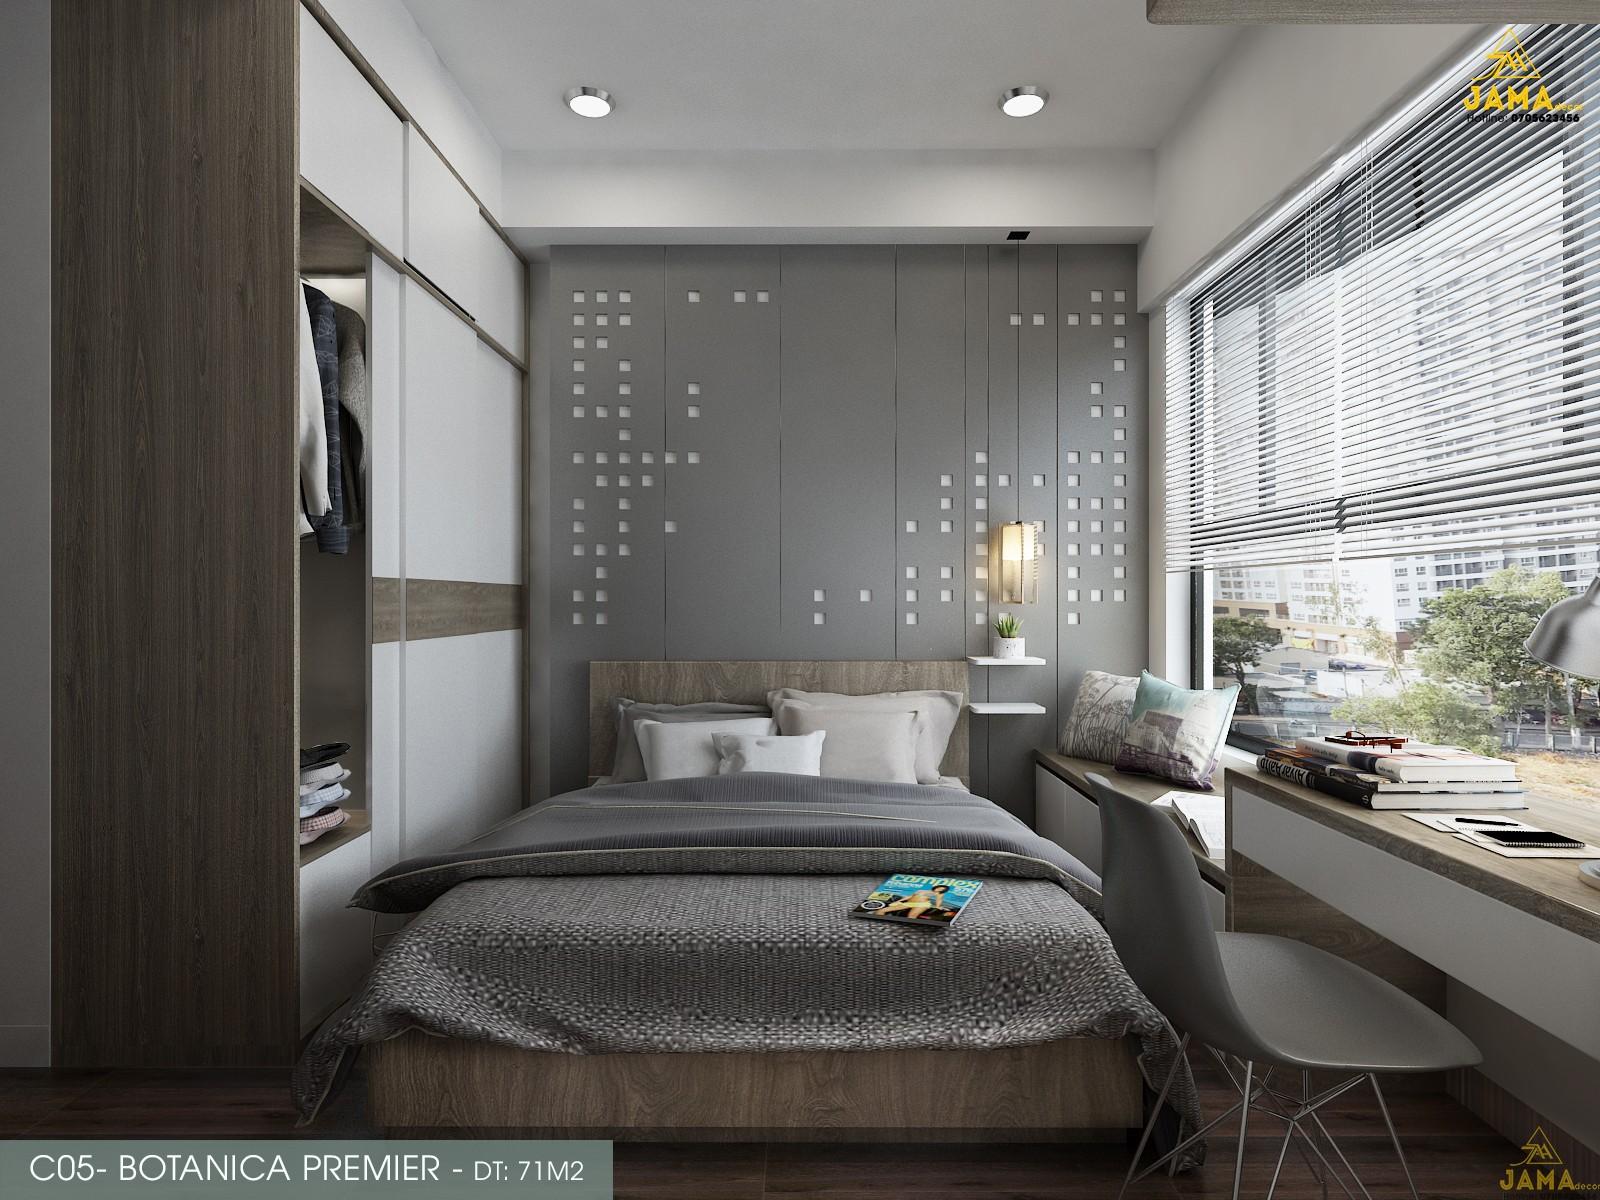 Thiết kế nội thất căn hộ Botanica Premier - 71m2